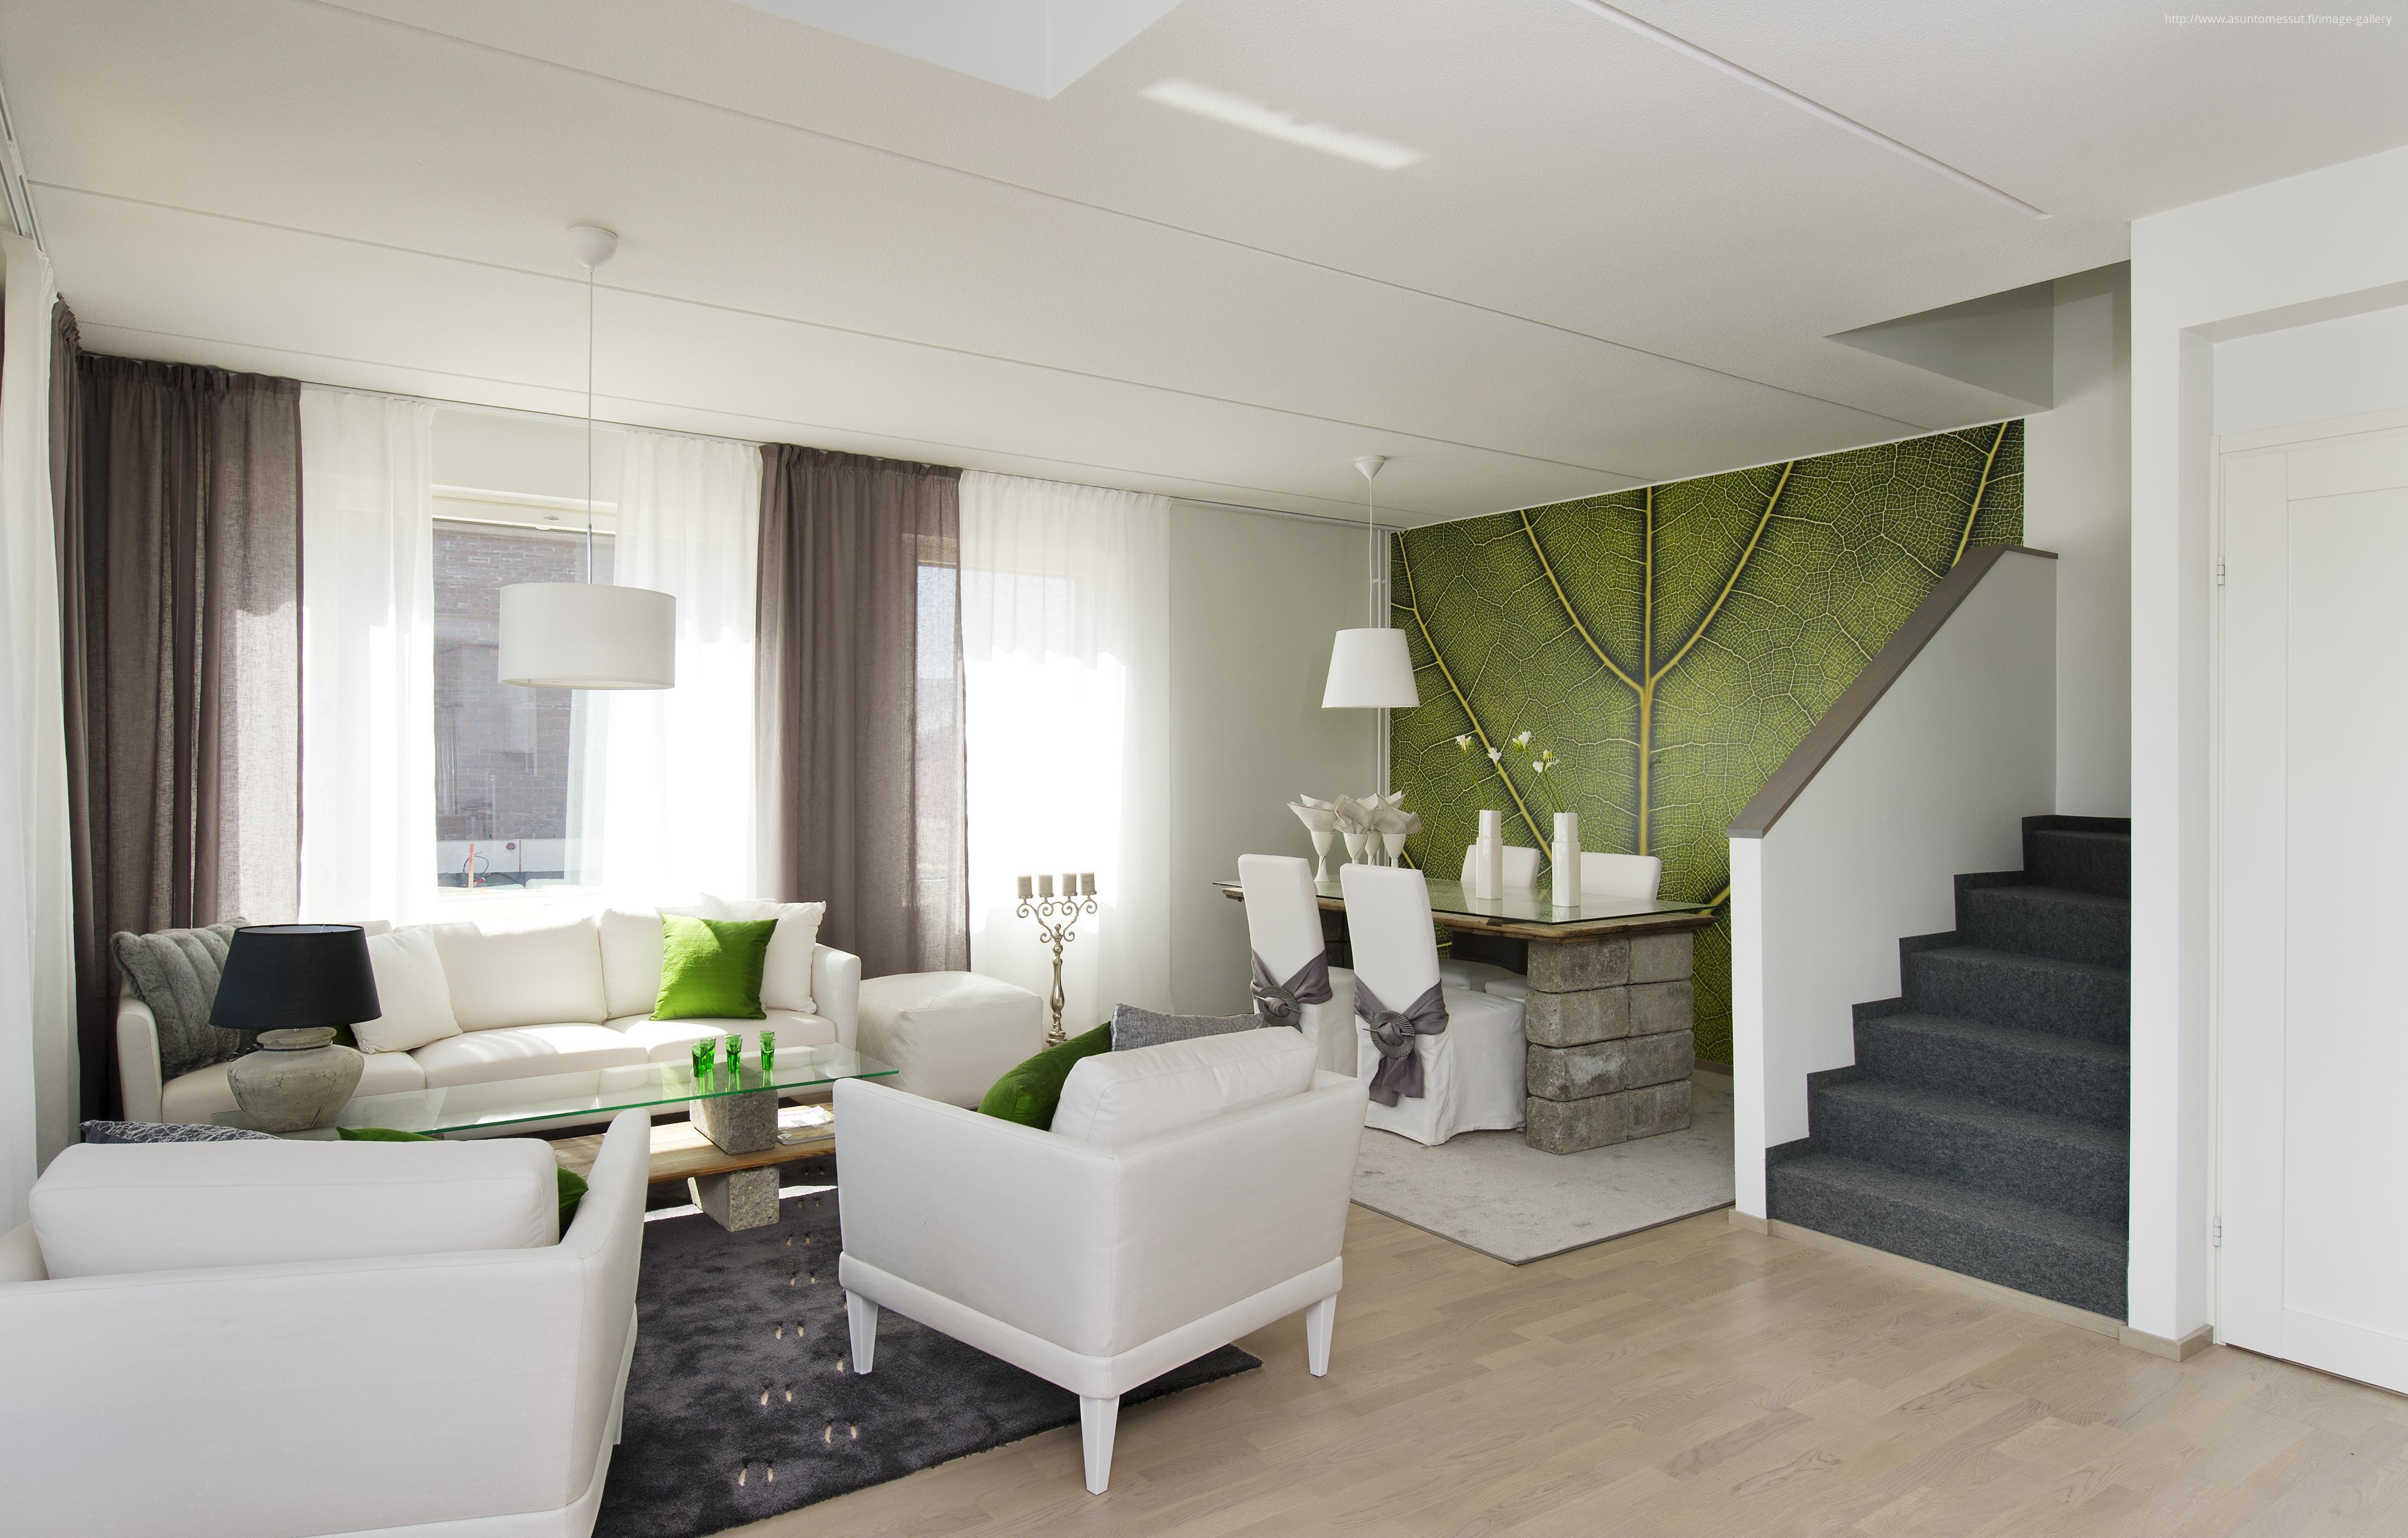 Fehér nappali zöld kiegészítőkkel, kő lábú étkezőasztal // HOMEINFO.hu - Inspirációtár